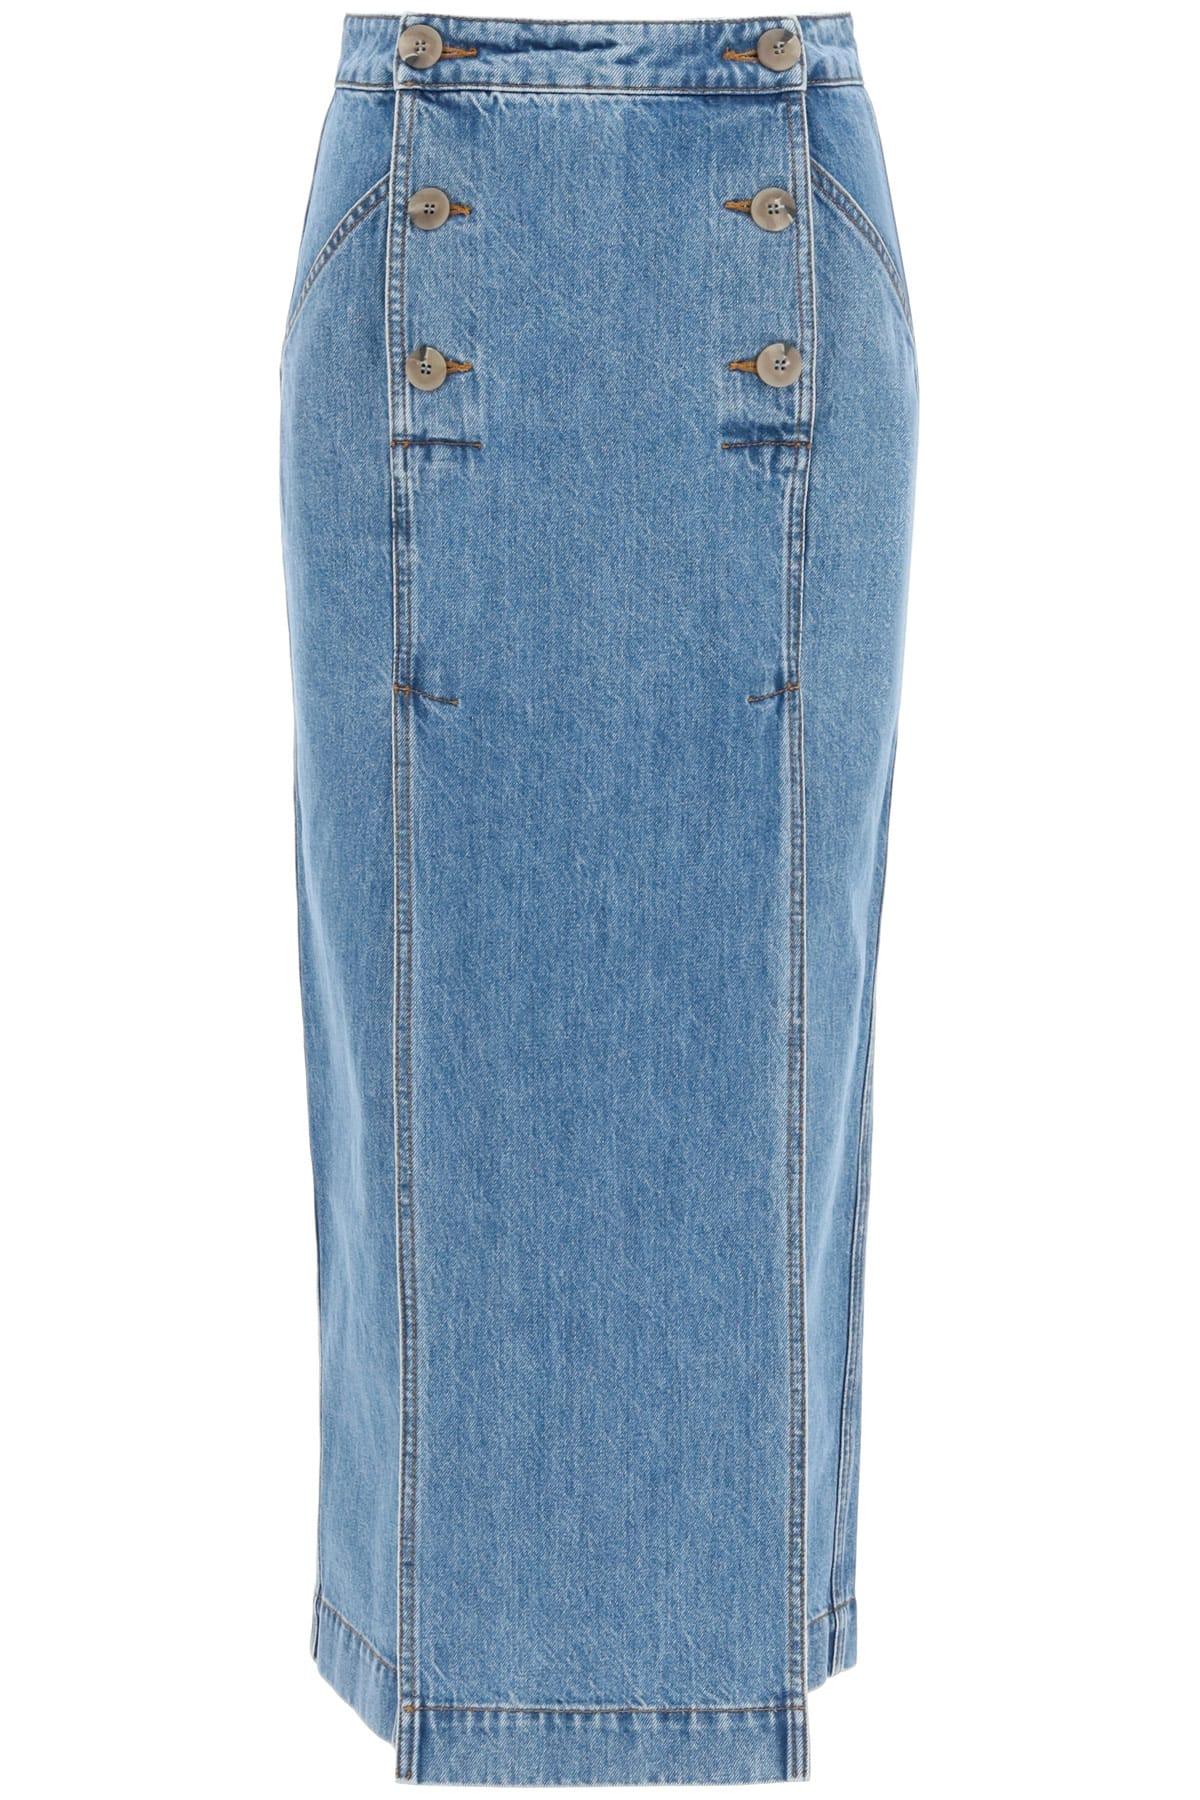 Nanushka Elke Midi Denim Skirt